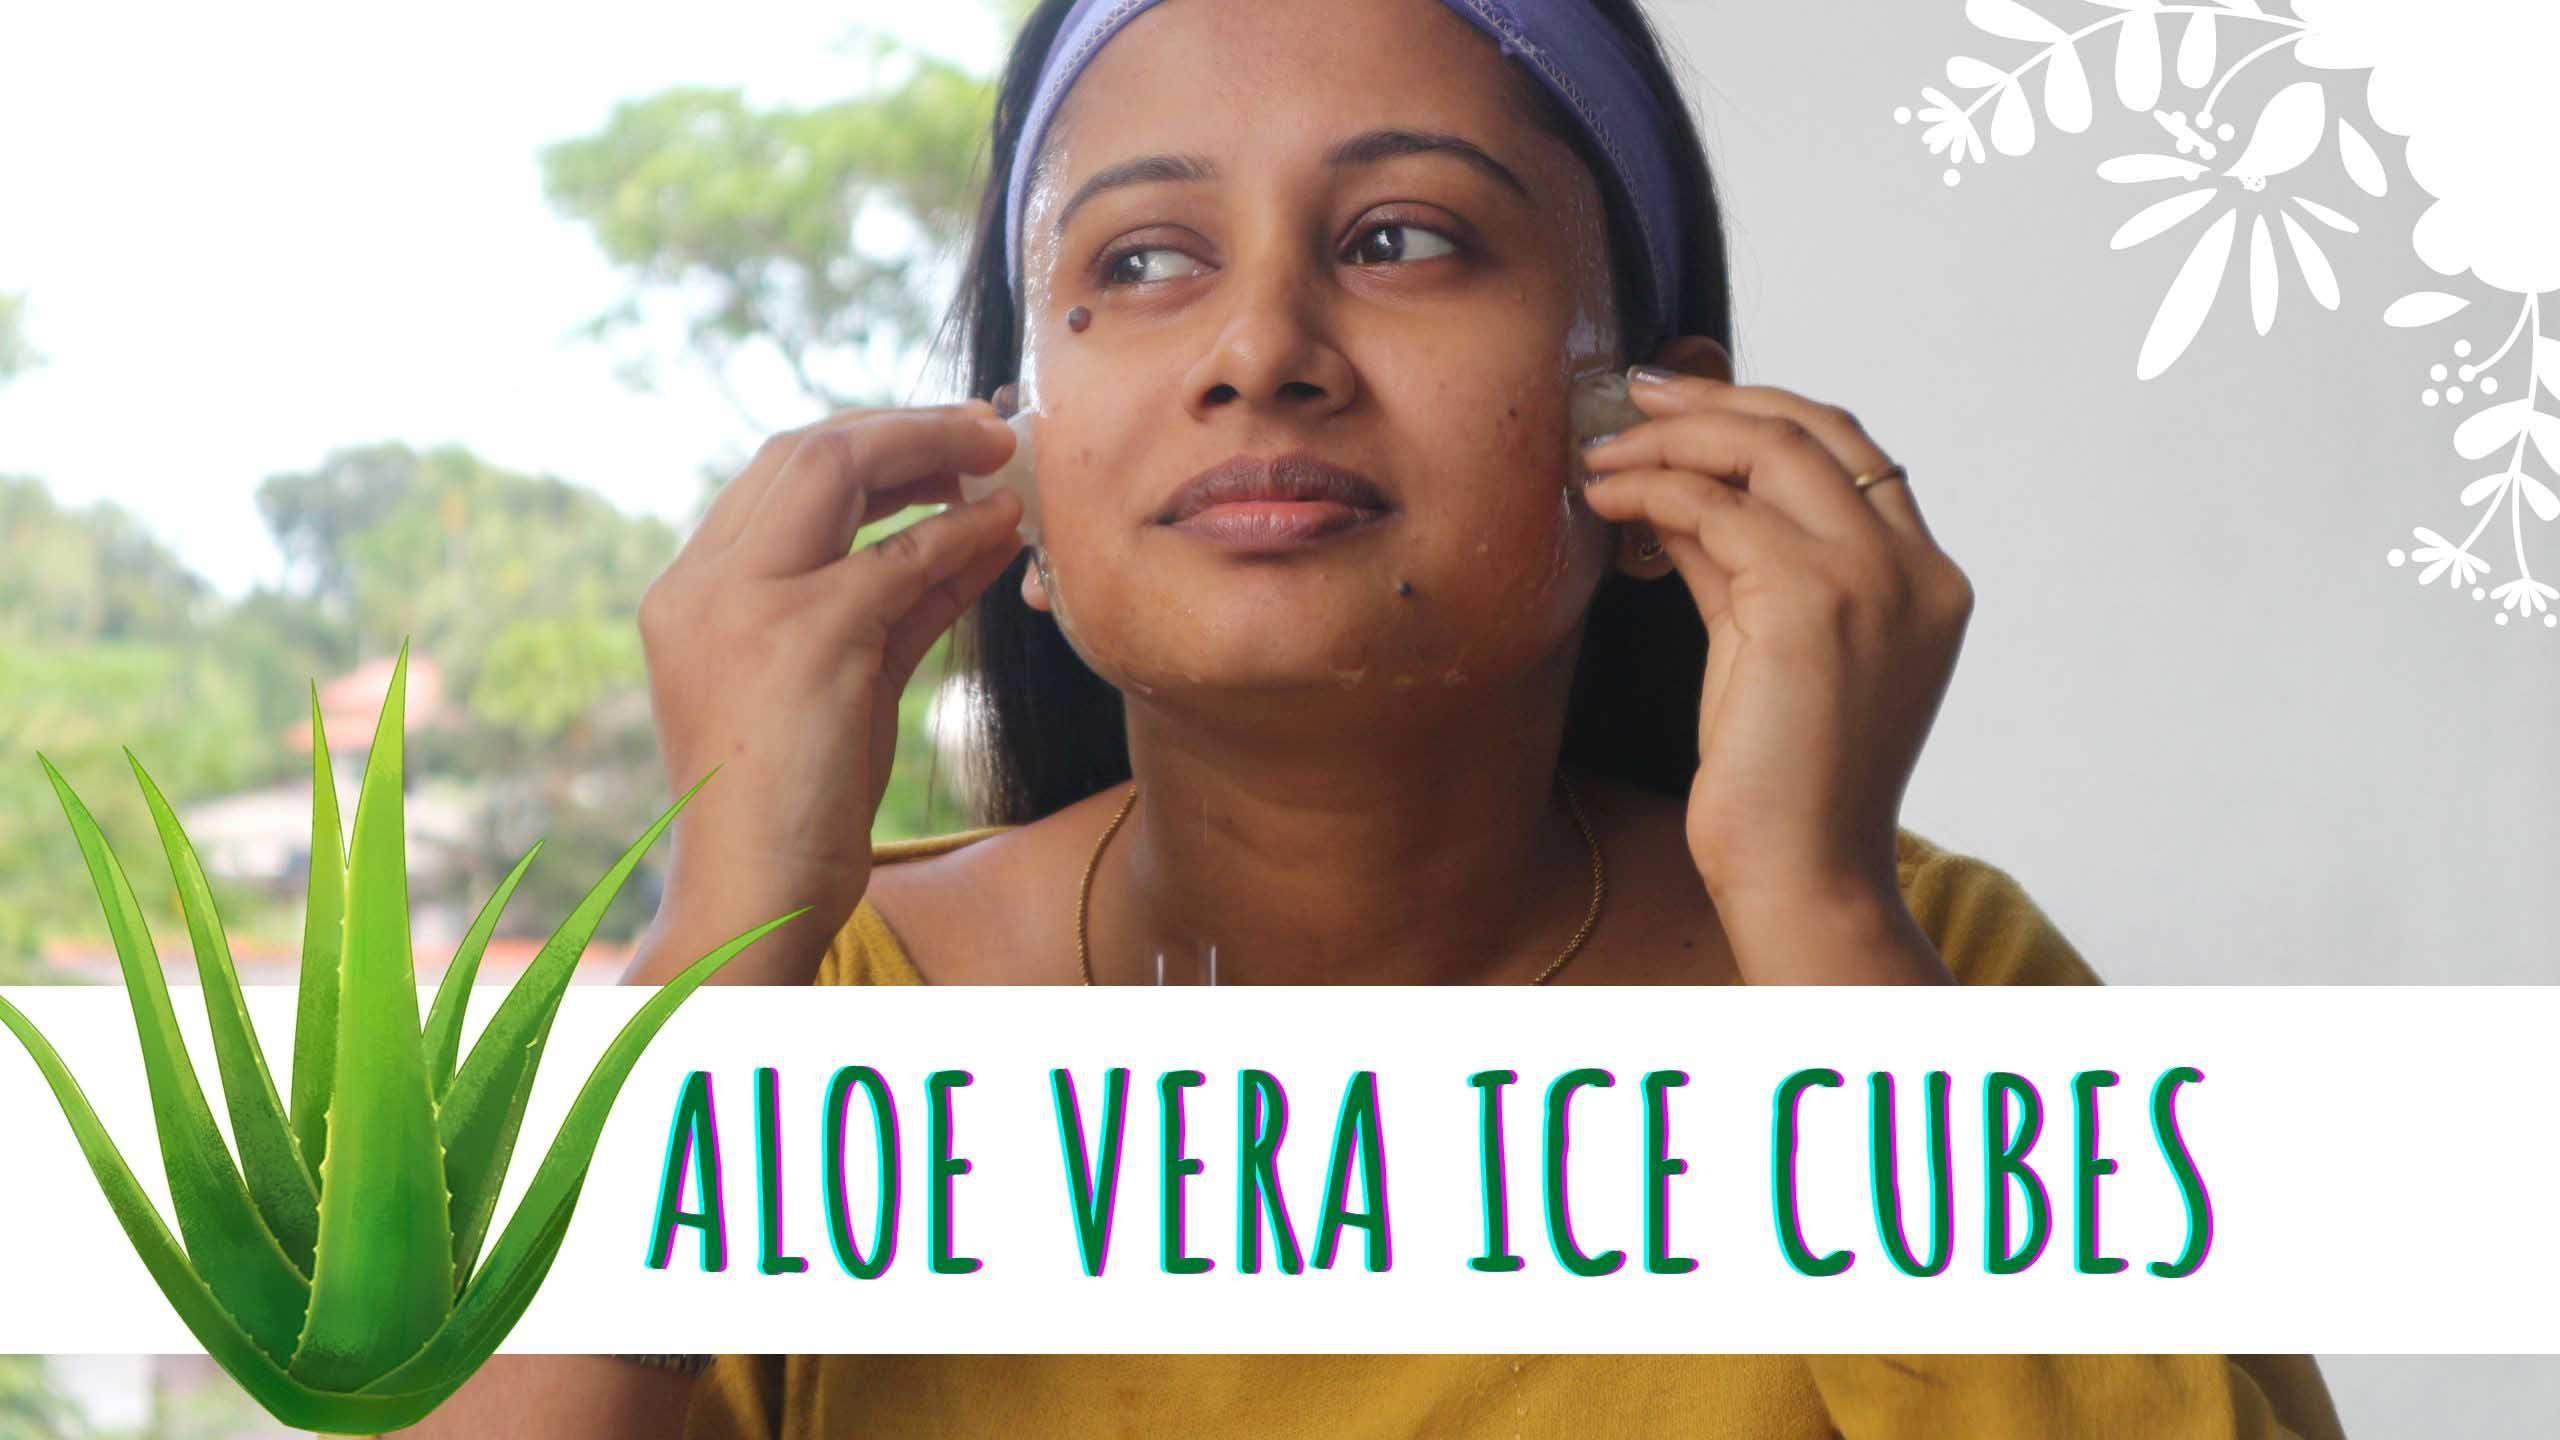 Aloe Vera Ice Cube Treatment